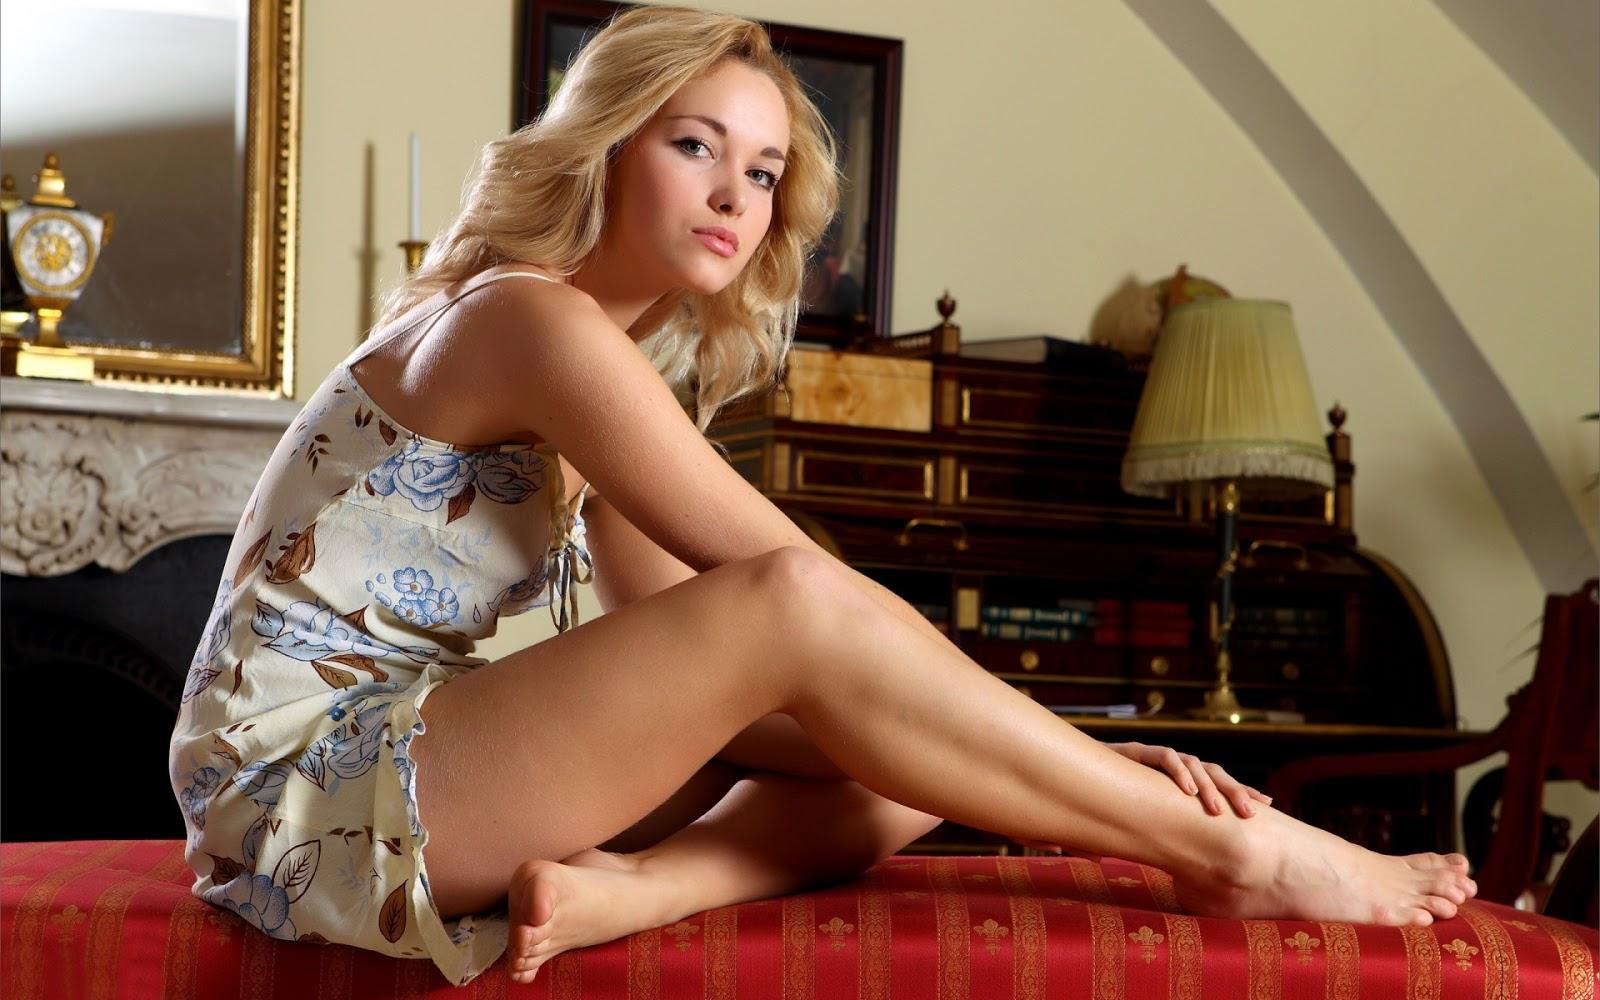 A Hot Blonde 84